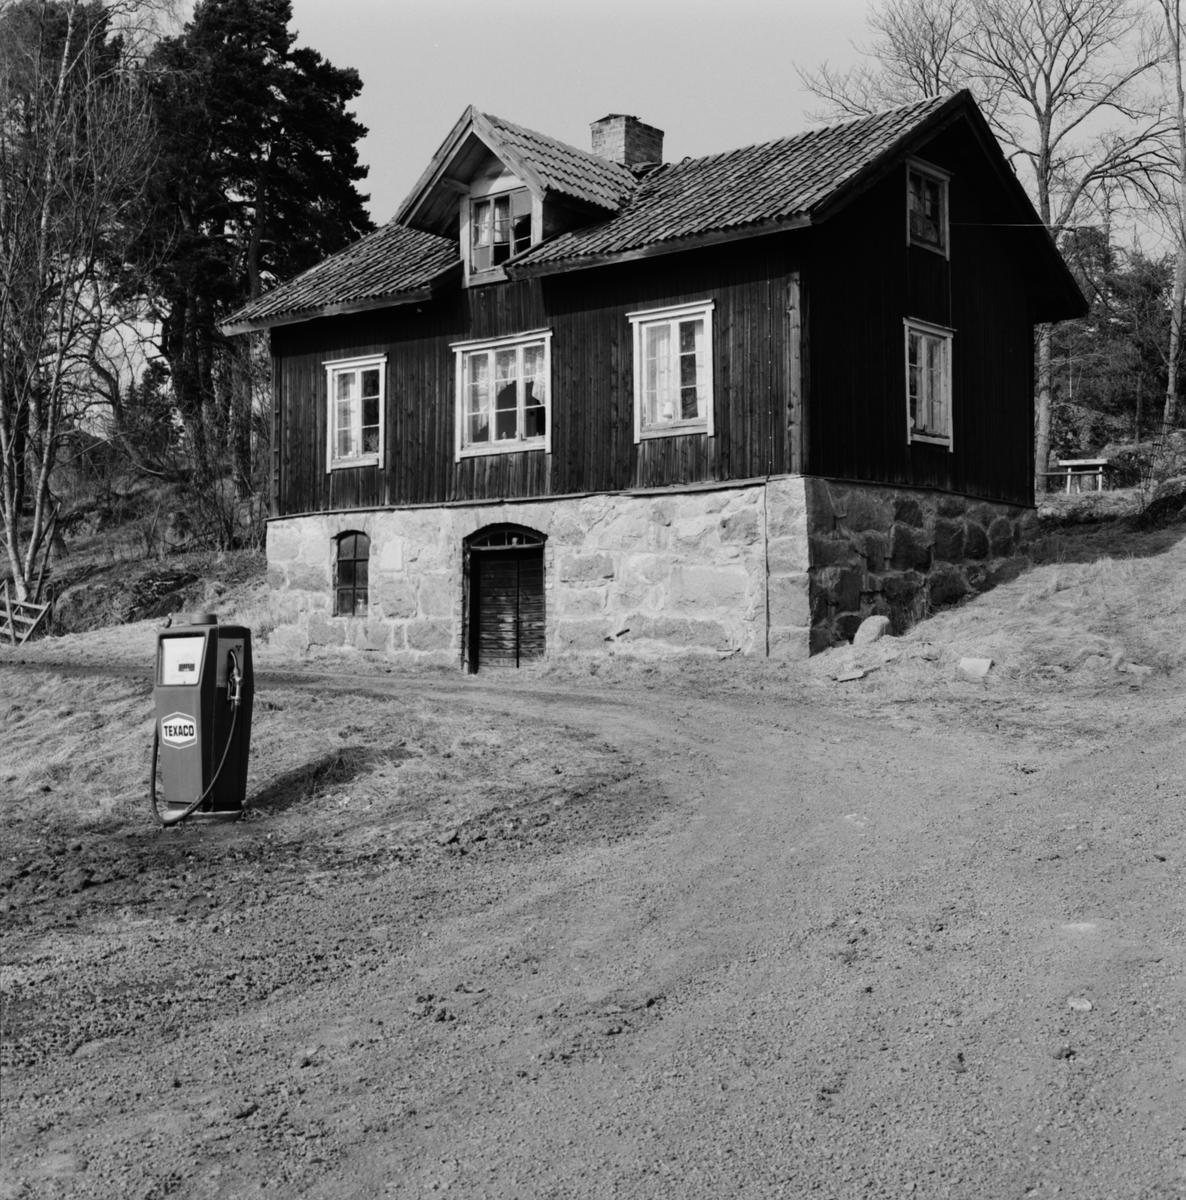 Äldre bostadshus, Stora Bärsta, Uppsala-Näs socken, Uppland april 1981